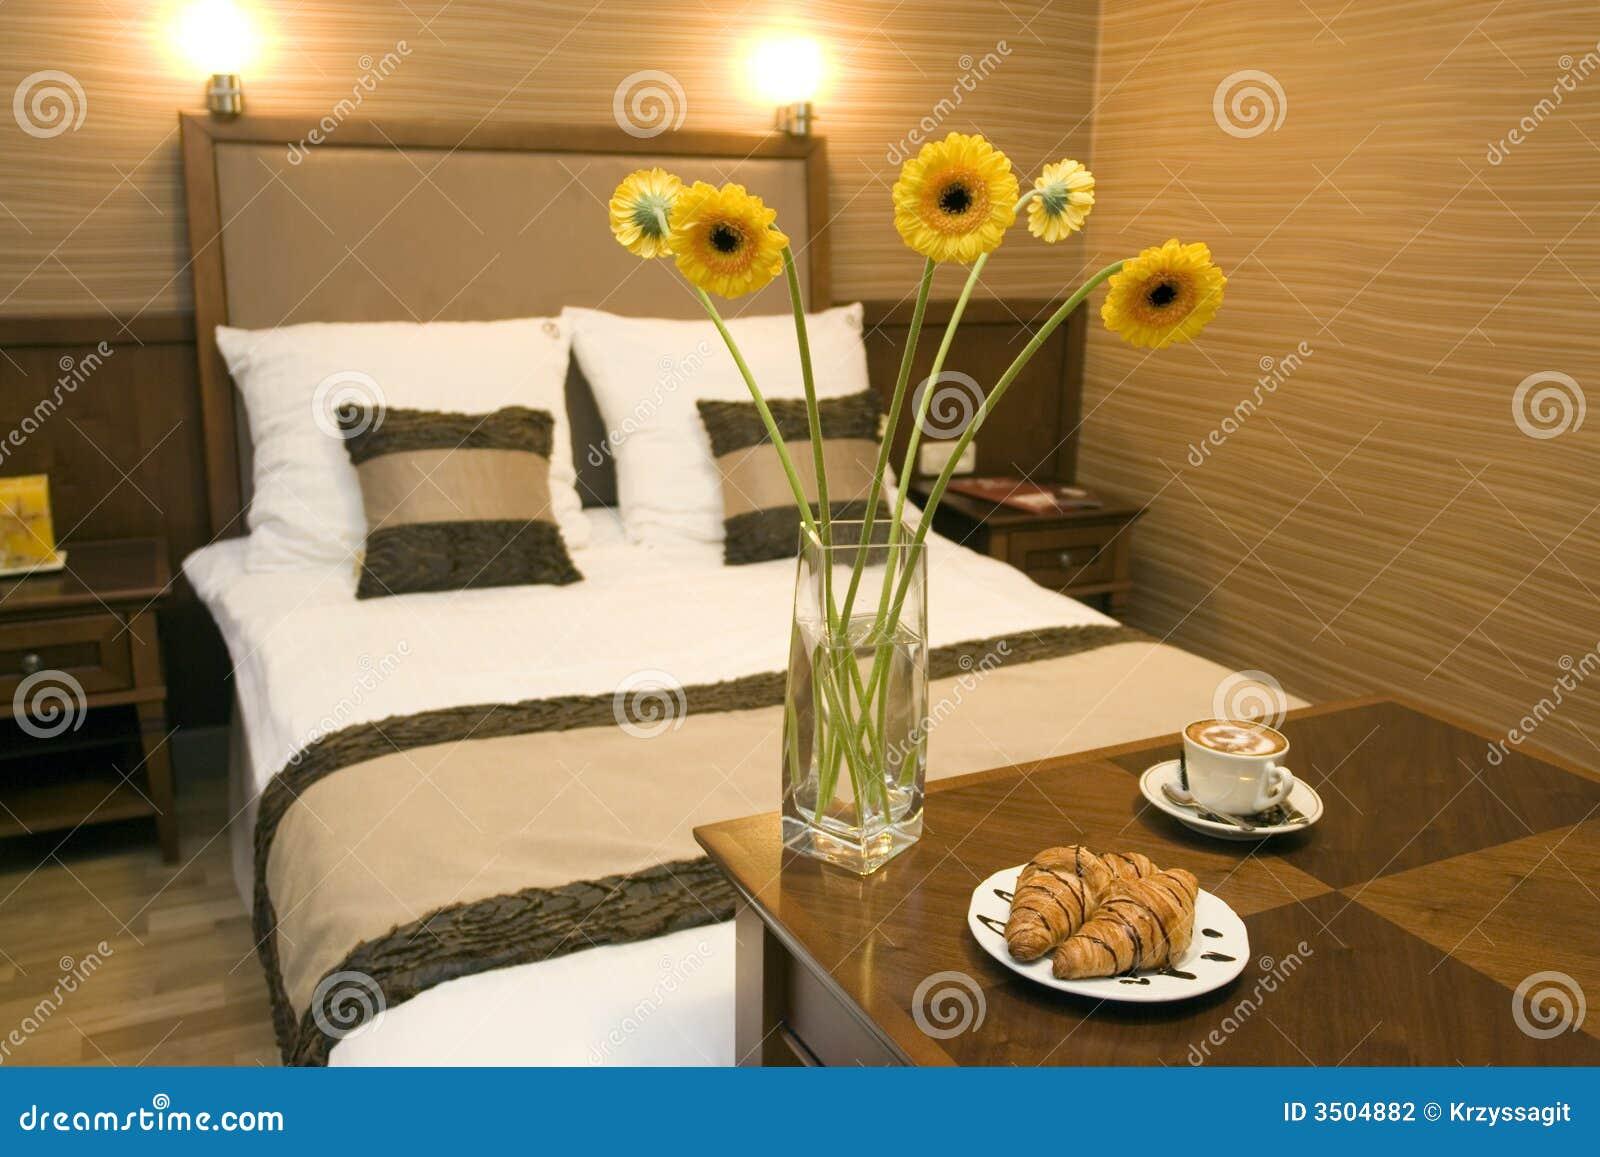 Romantique int rieur de chambre coucher photographie for Chambre a coucher romantique